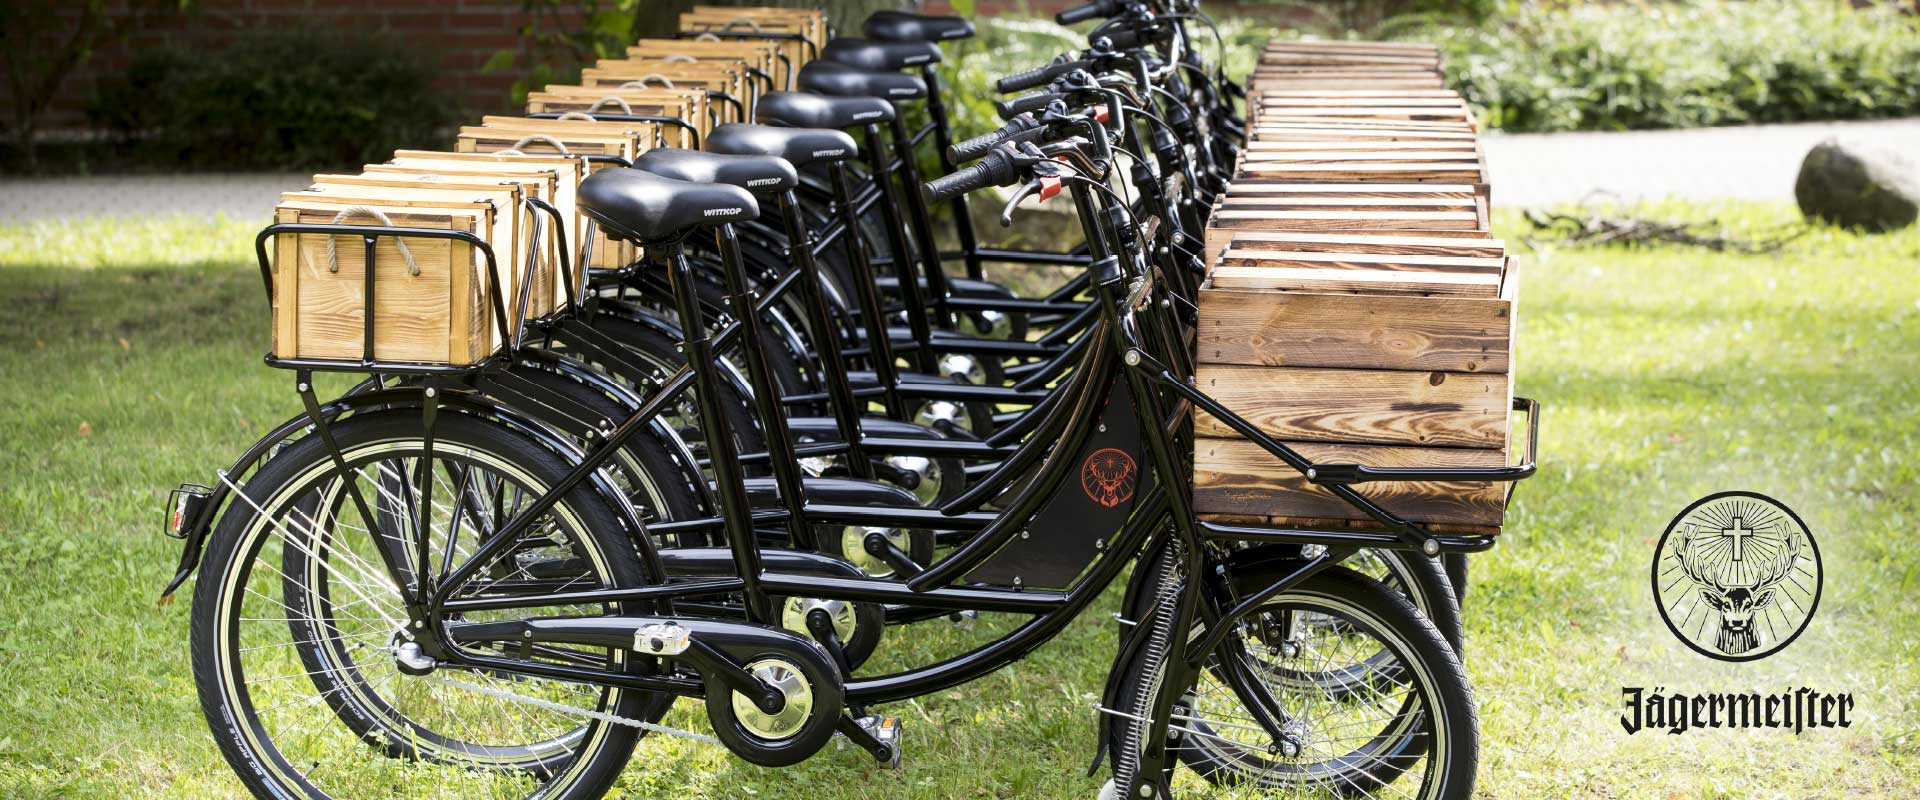 Jägermeister - Festival Fahrrad